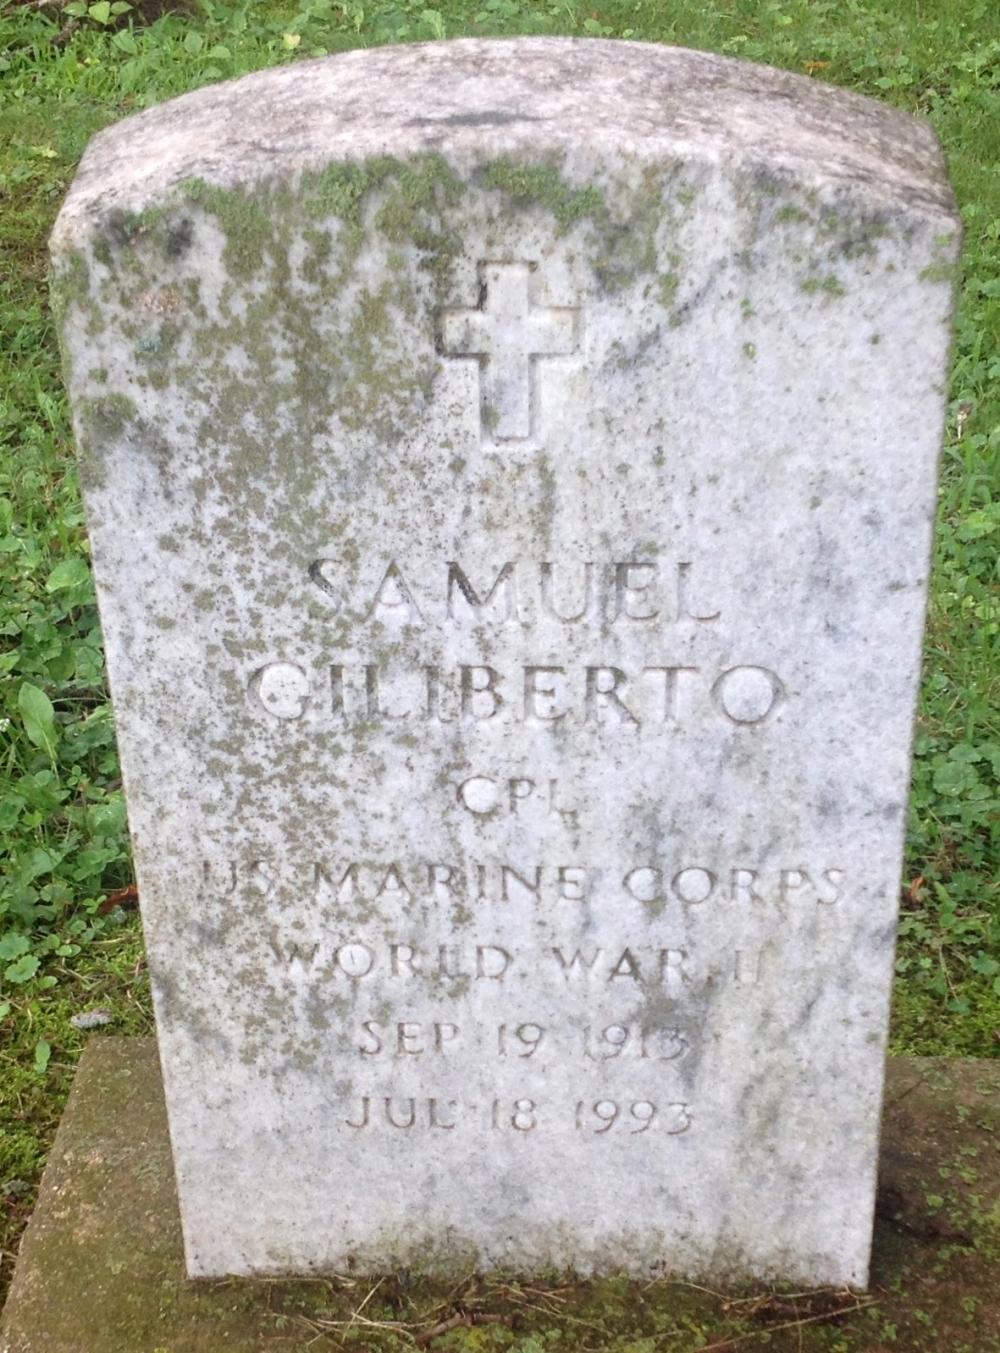 Samuel Giliberto September 19, 1913 - July 18, 1993 Grave Marker